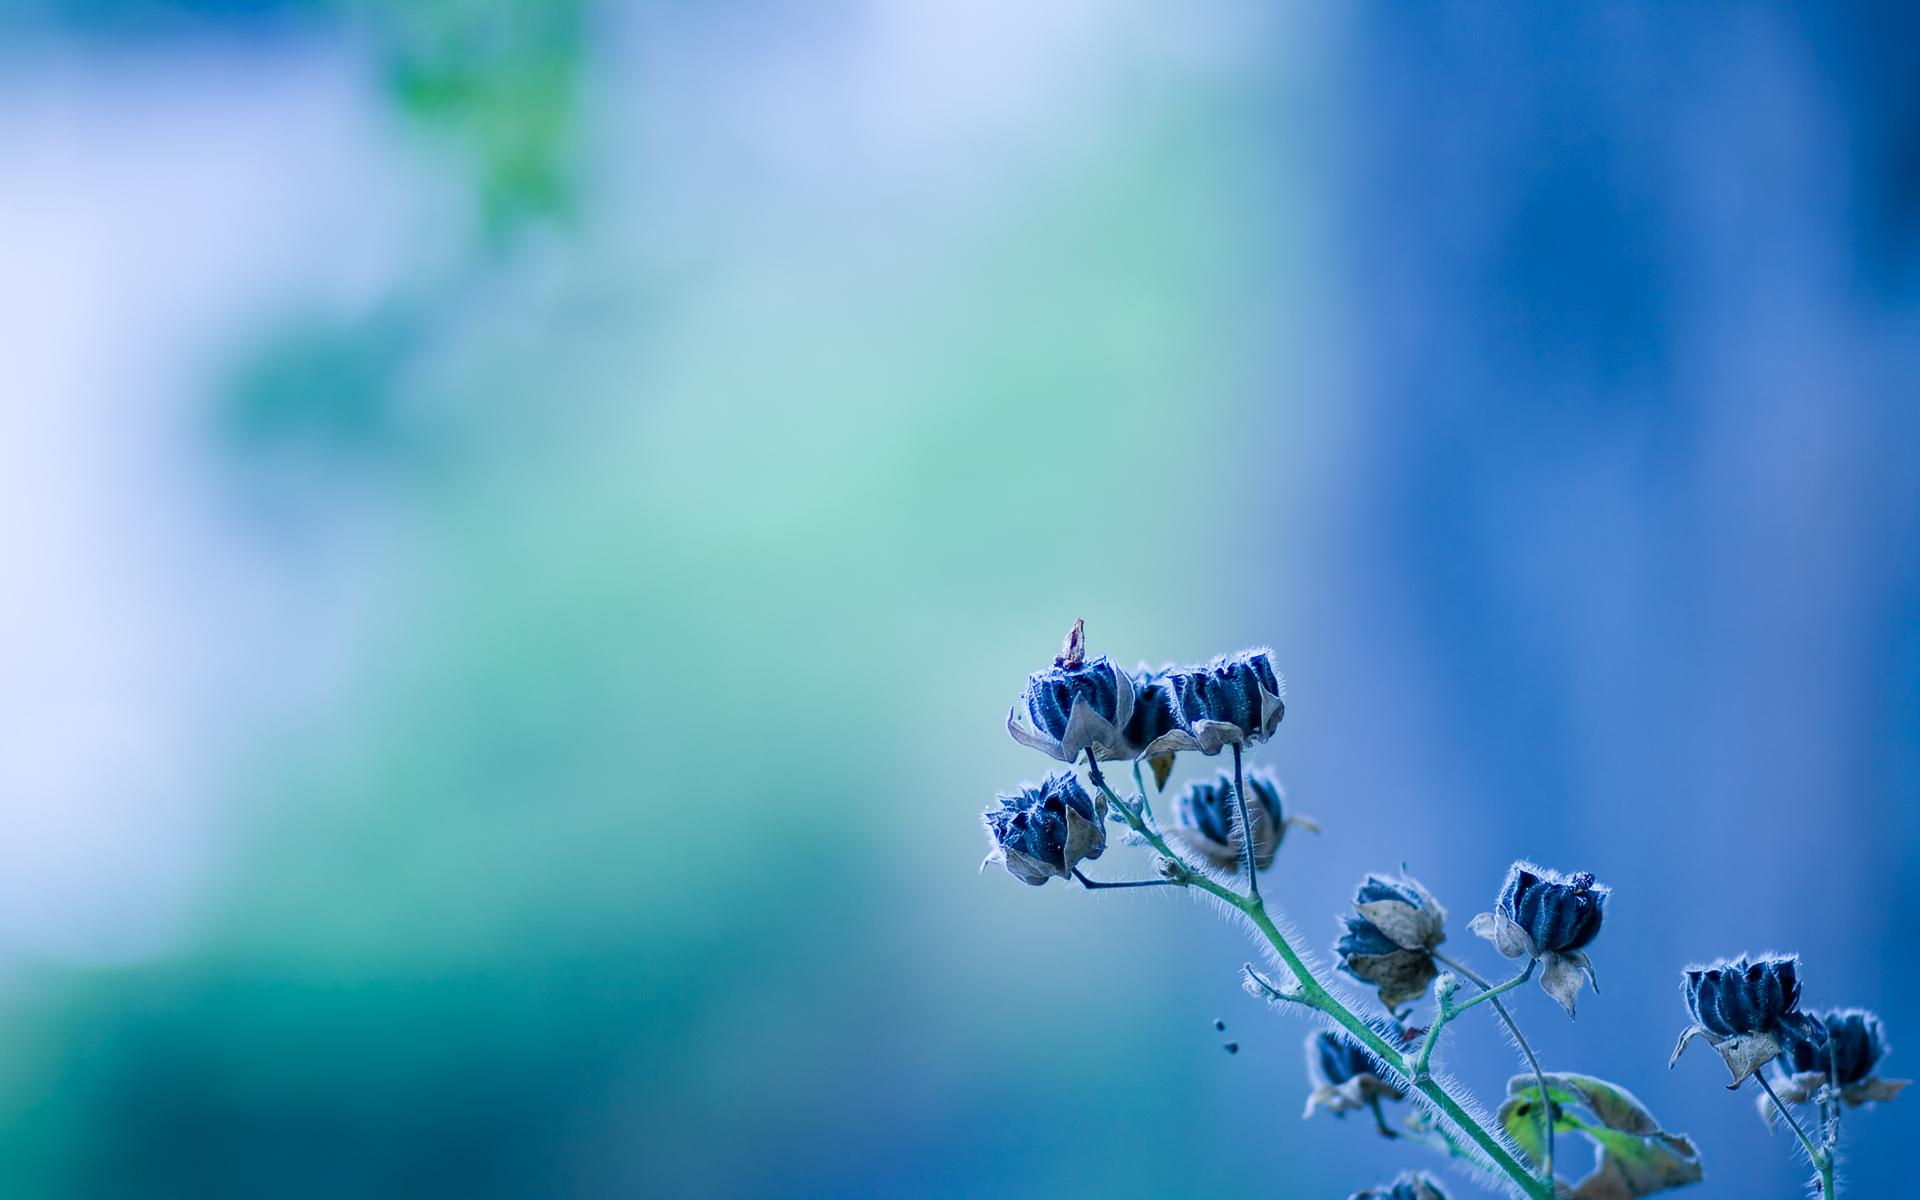 Flowers Blur Background Hd 1920x1200 Download Hd Wallpaper Wallpapertip